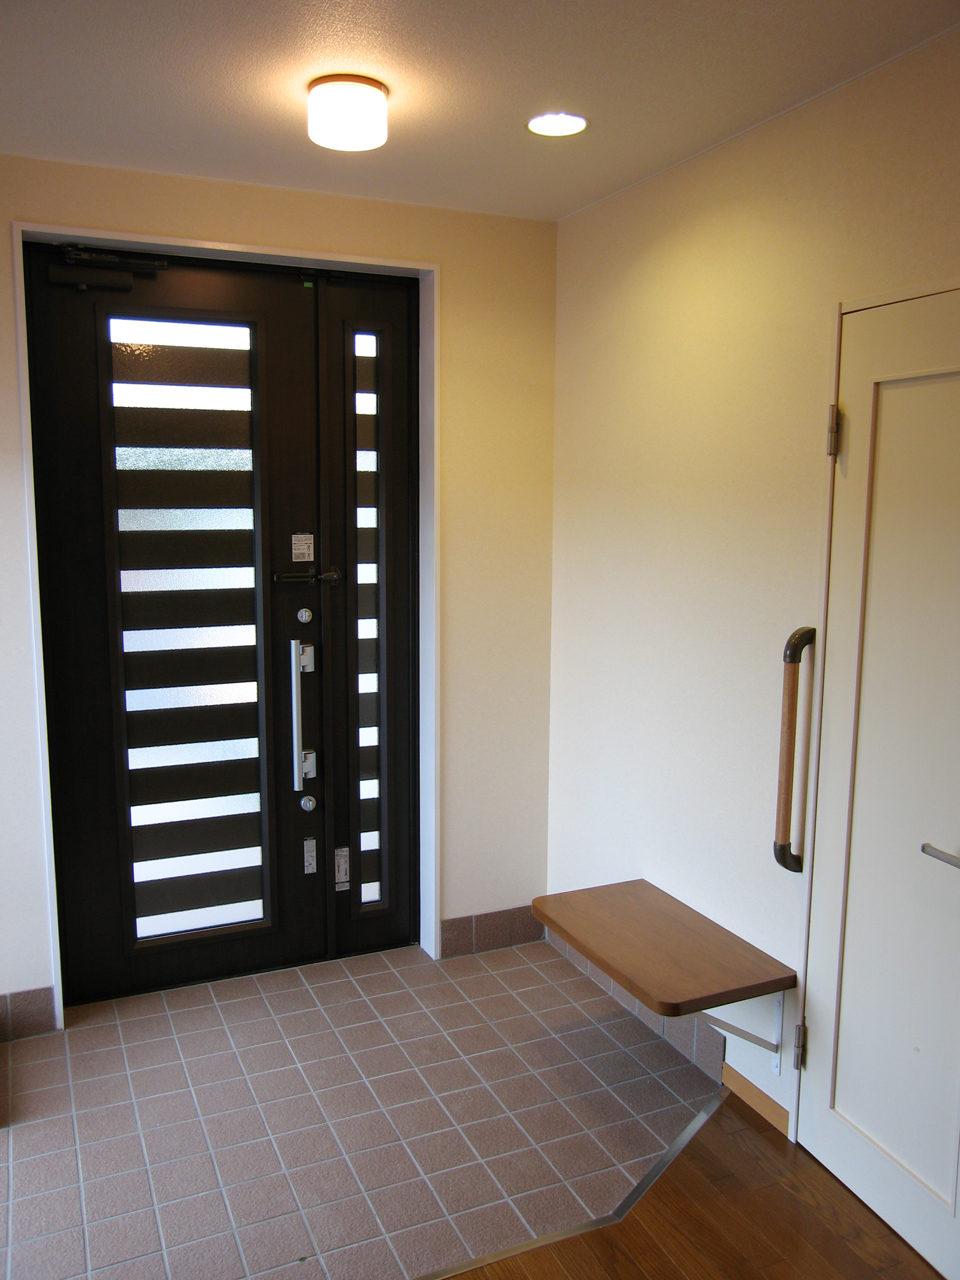 ホームエレベータ付きバリアフリー住宅兼用オフィスの新築デザイン